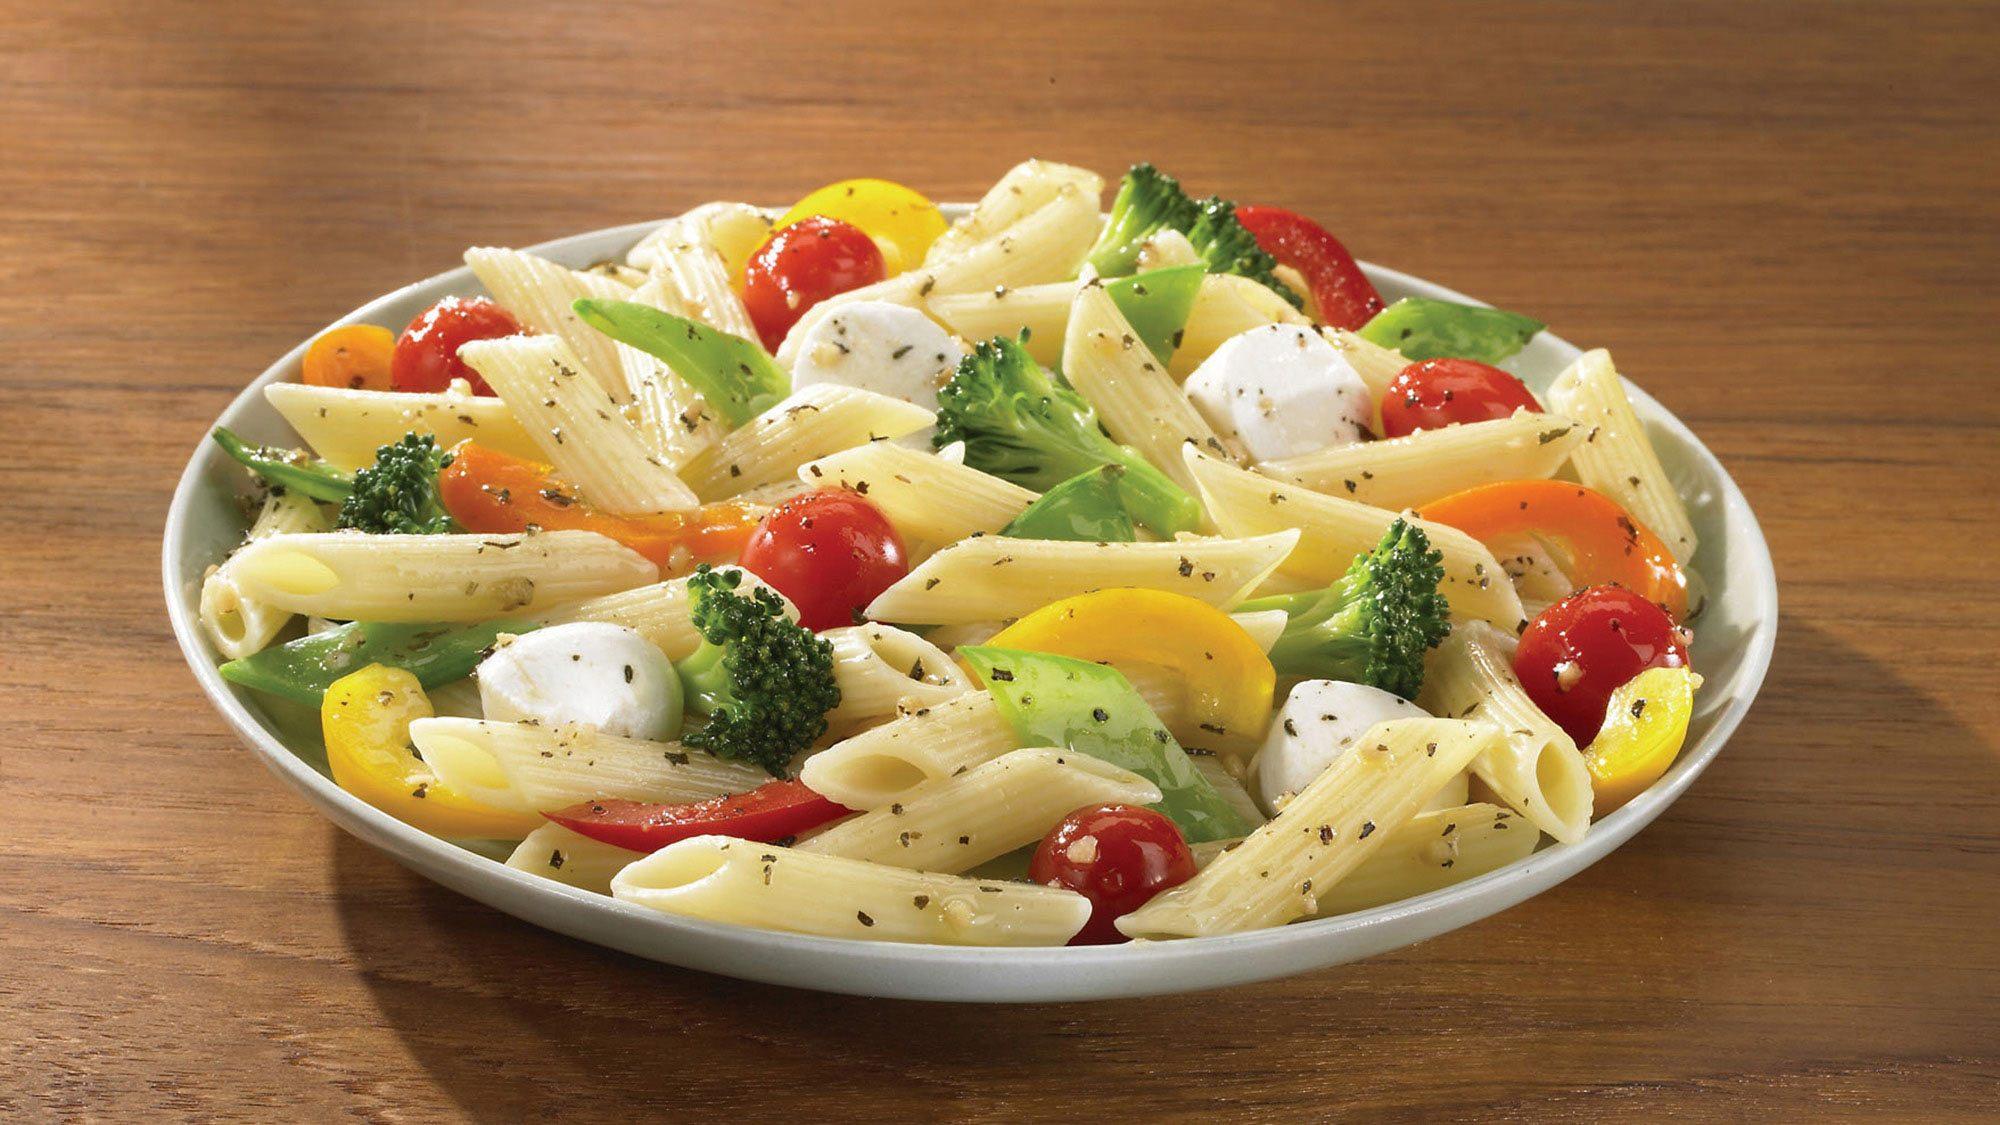 Pasta_con_Verduras_Ajo_Albahaca_y_Vinagre_Balsamico_Recipes_2000x1125.jpg